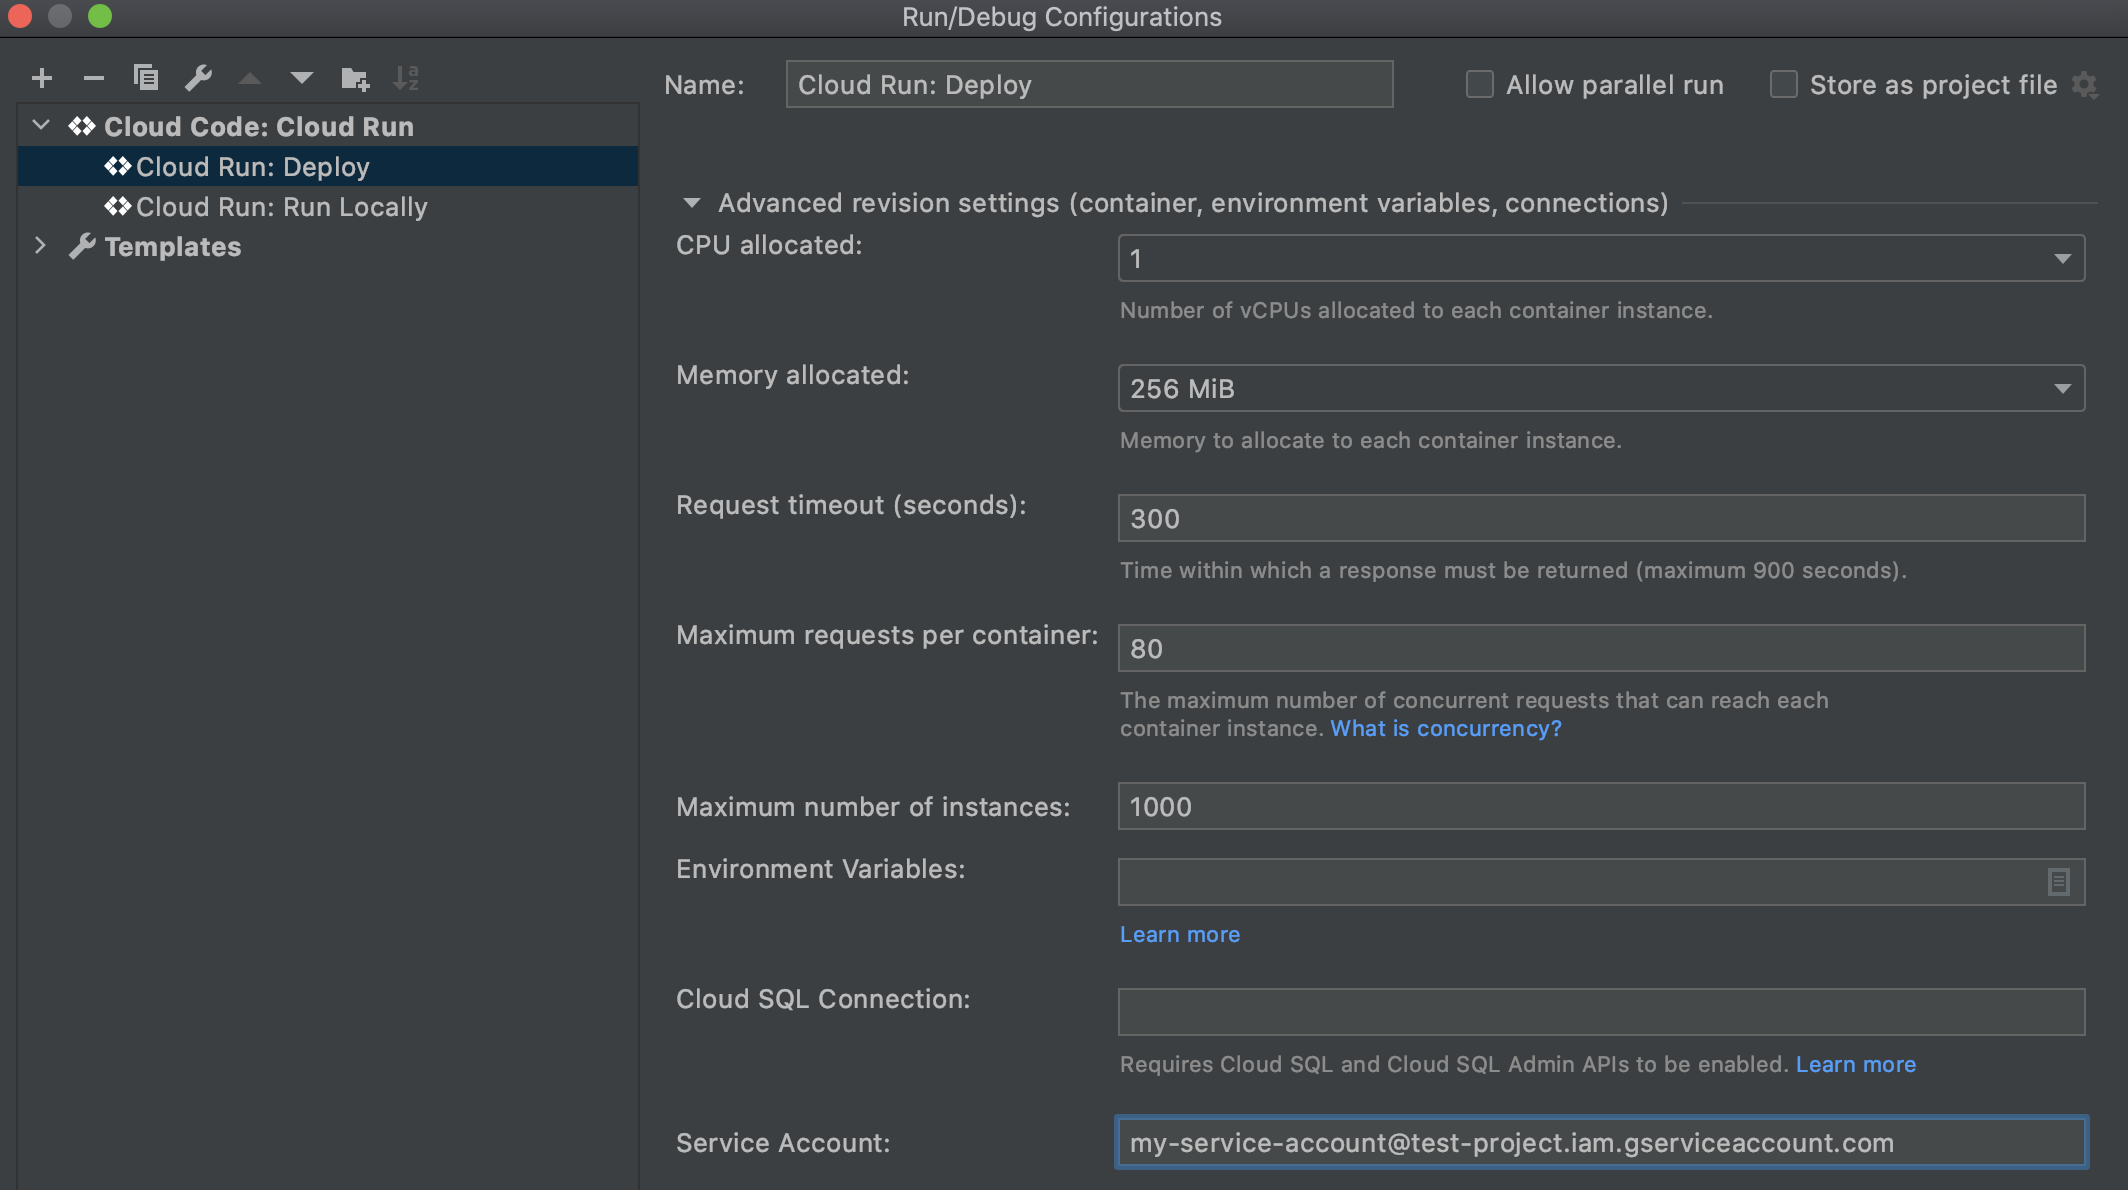 Der Abschnitt Erweiterte Revisionseinstellungen wurde in Cloud Run erweitert: Bereitstellungs- und Dienstkontofeld mit Dienstkontoname ausgefüllt im Format service-account-name@project-name.iam.gserviceaccount.com